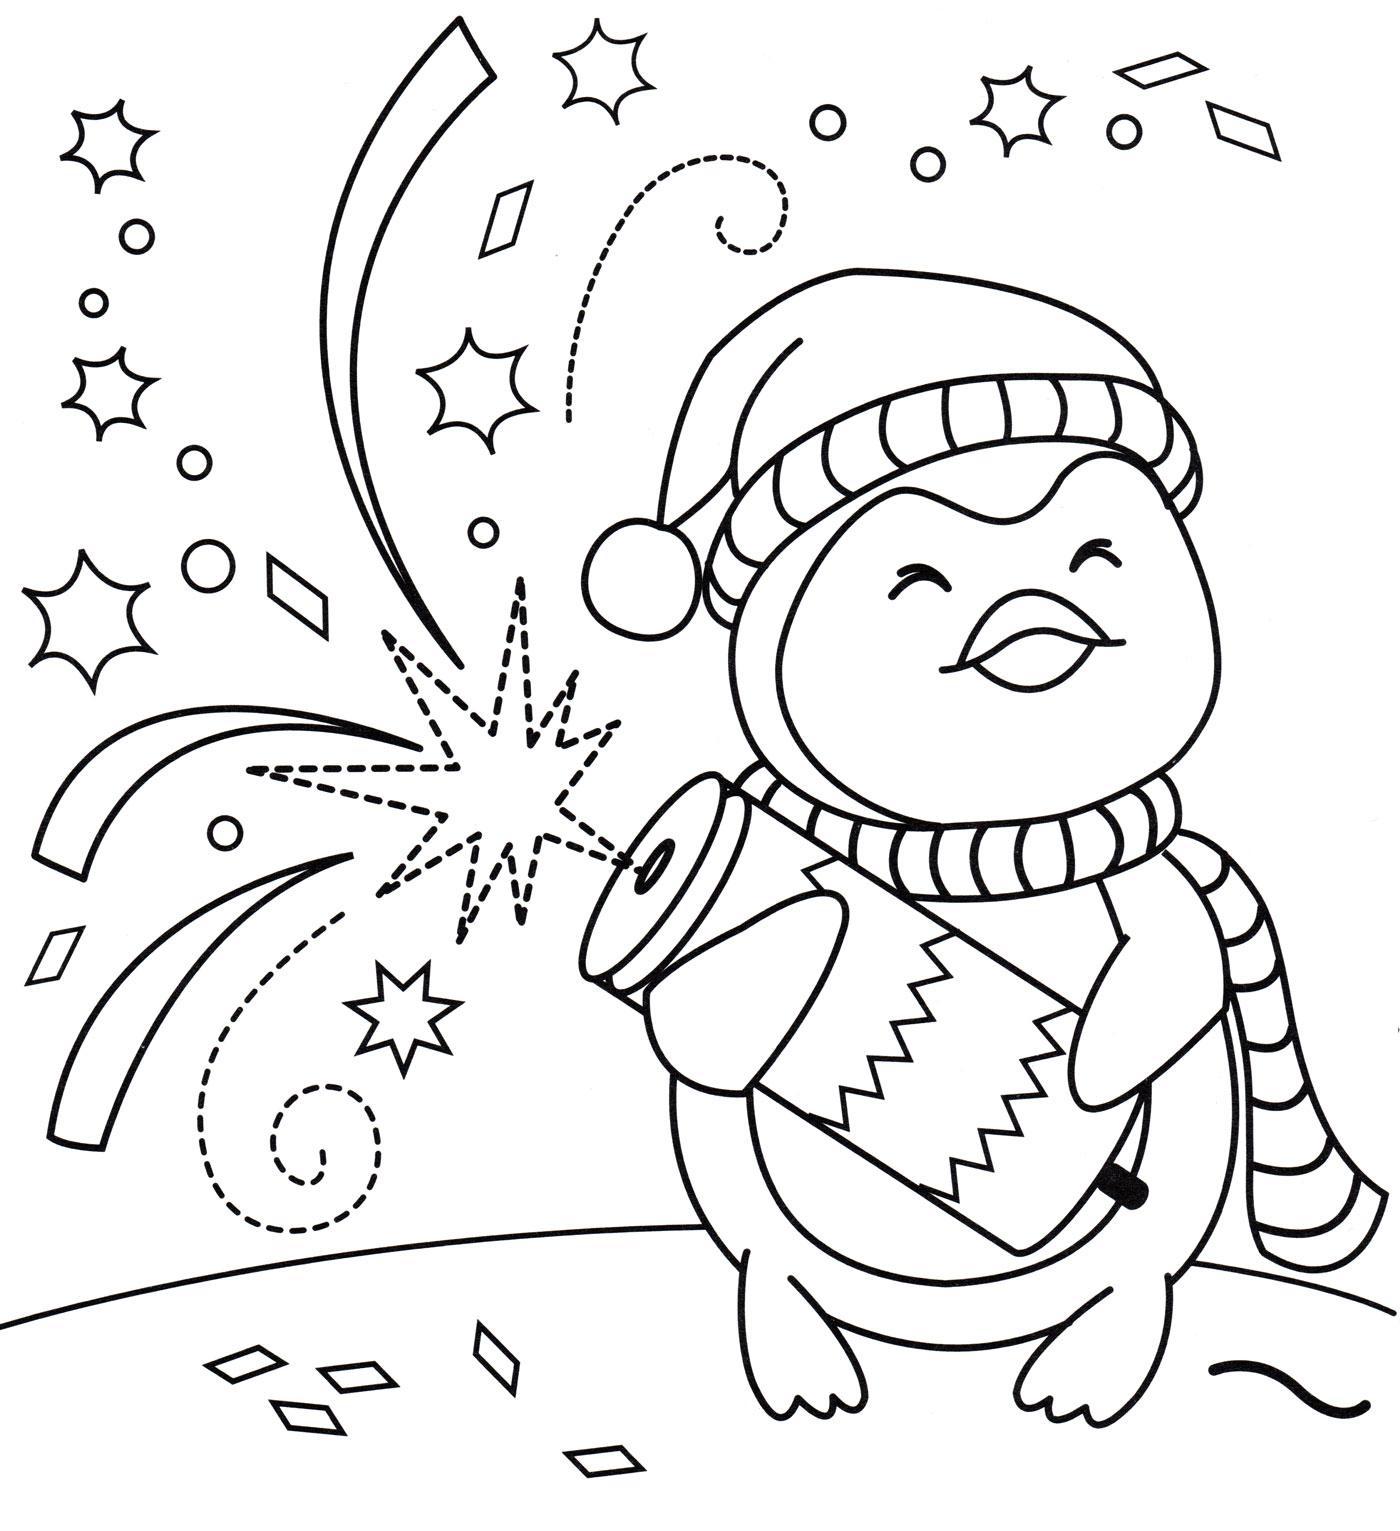 раскраска хлопушка новогодняя распечатать бесплатно